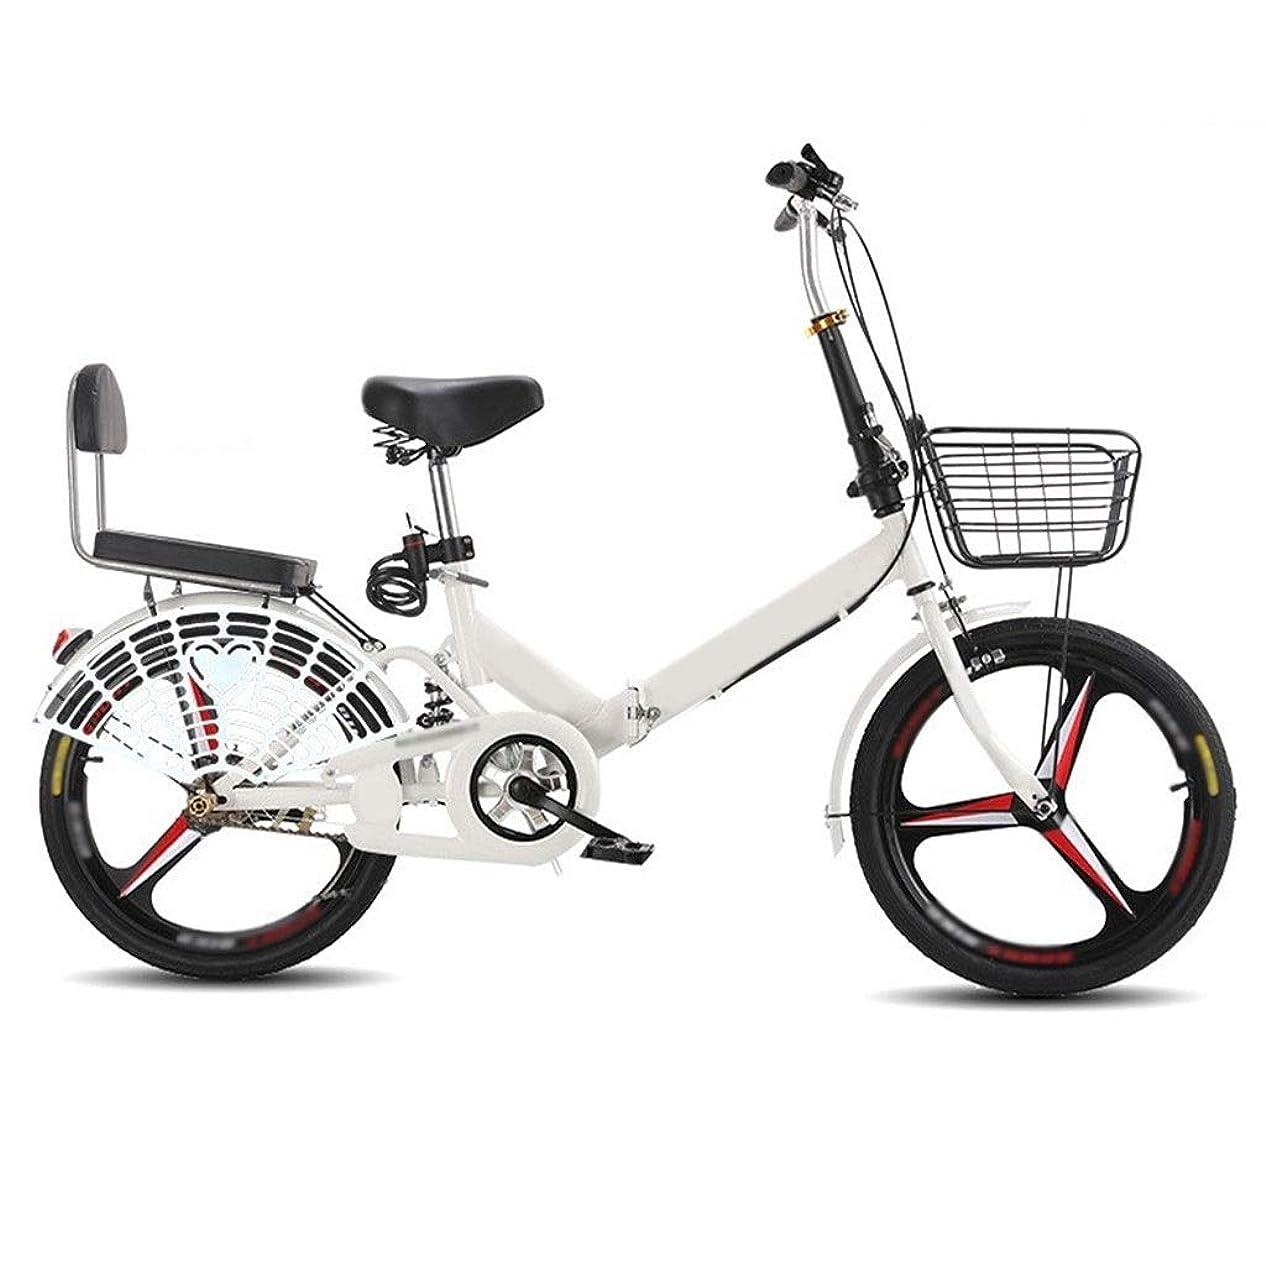 完了学習証拠女性と子供のための適切な折り畳み式自転車、超軽量、ポータブル、高炭素鋼フレーム、屋外クロスカントリーバイク、 (Color : E, Size : 20inch)